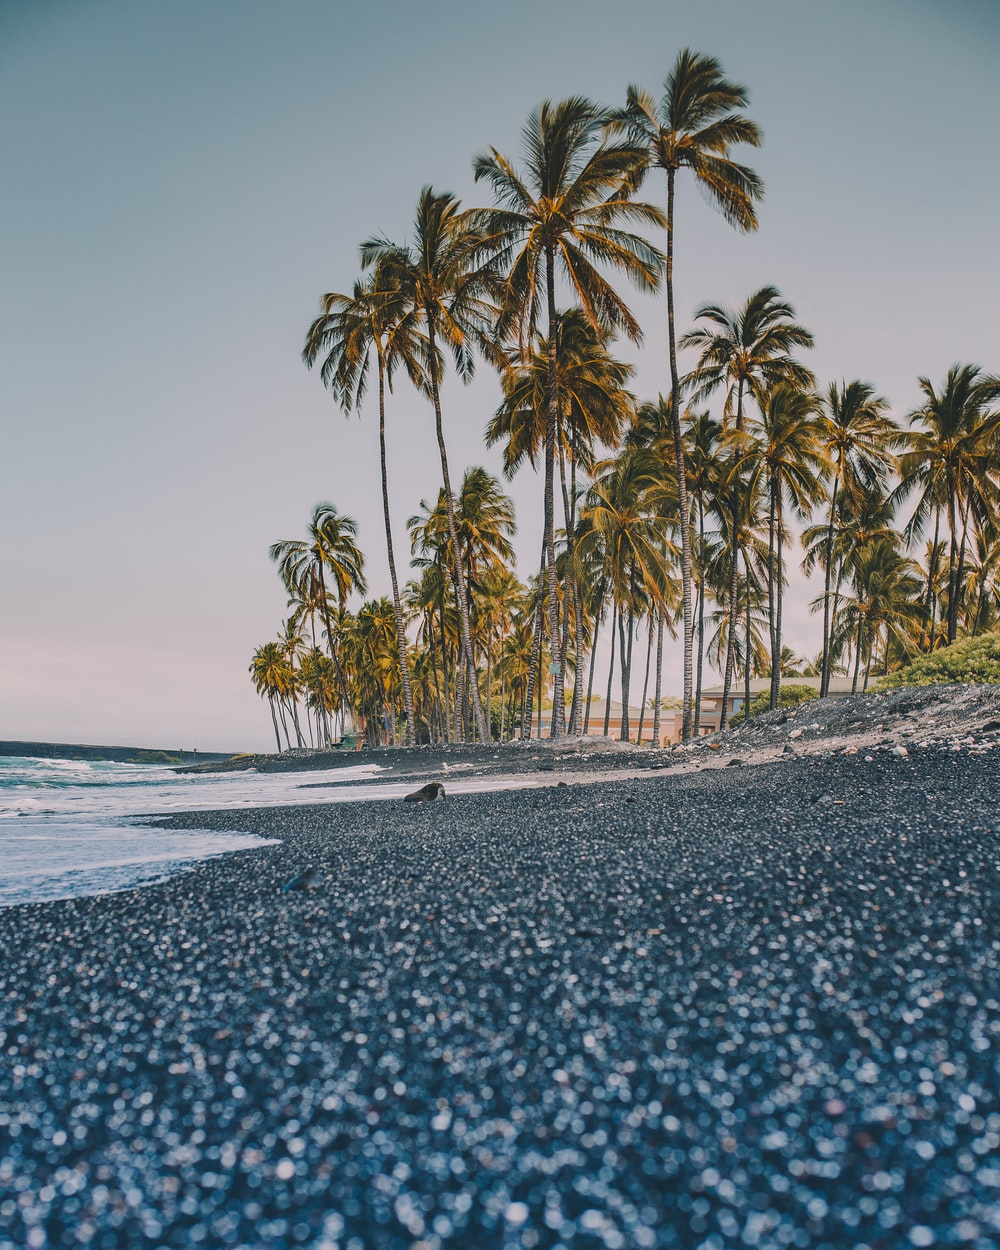 trees near coastline